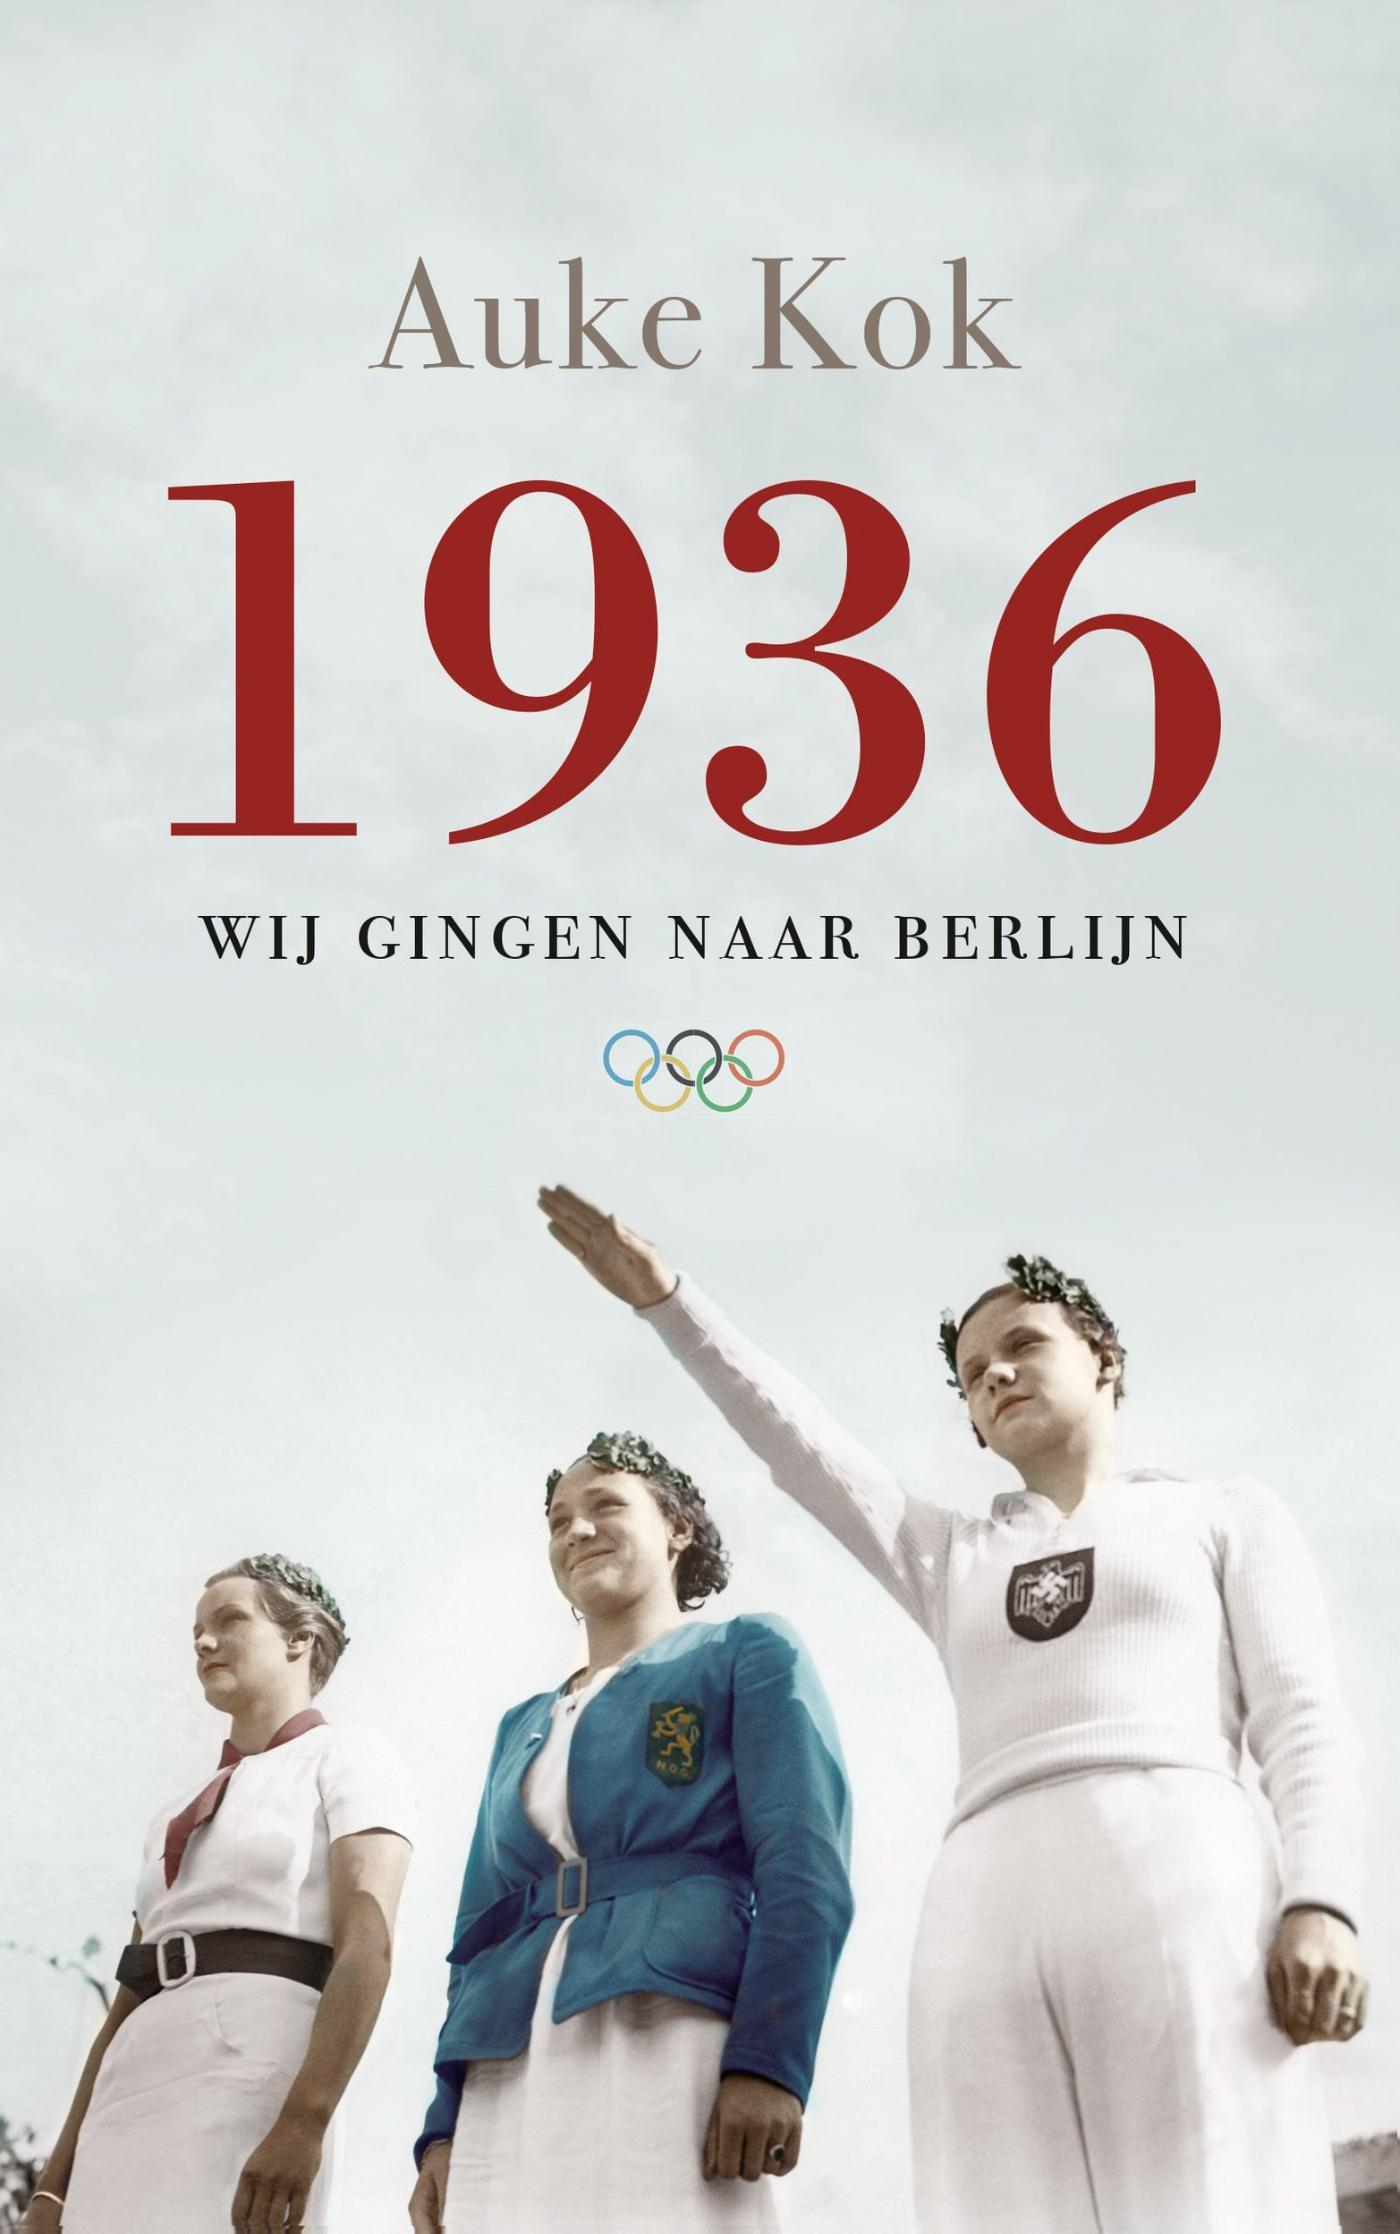 1936 – Auke Kok